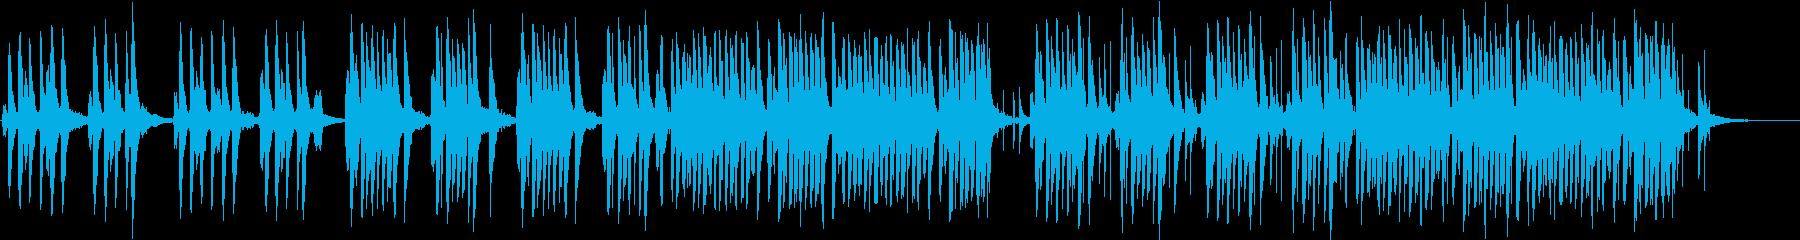 気の抜けるほのぼのしたBGMの再生済みの波形